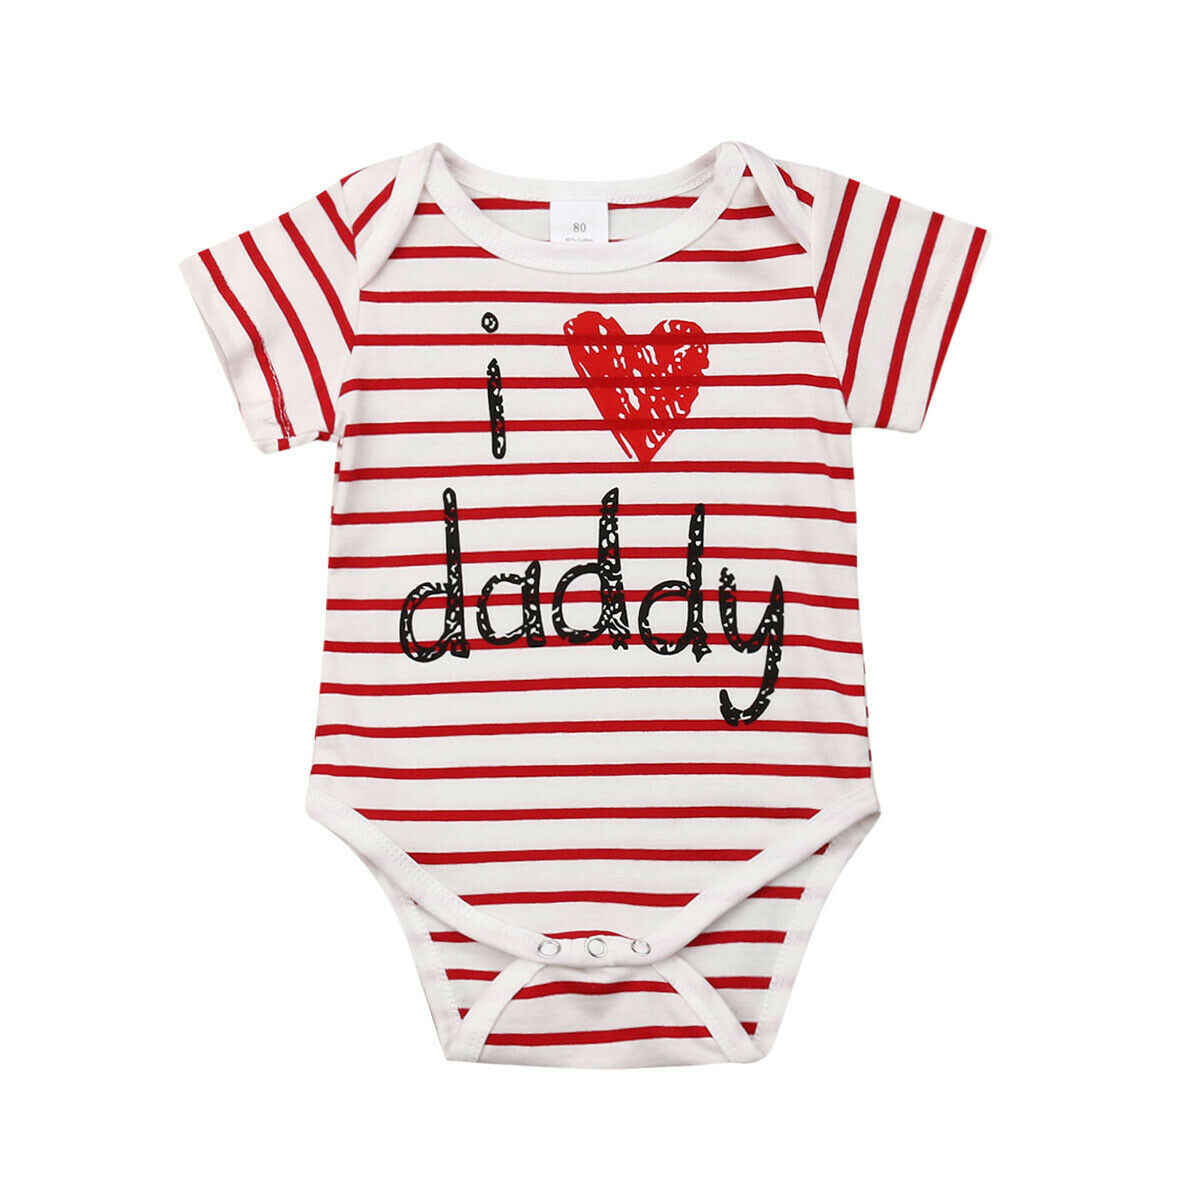 2019 algodón recién nacido bebé niñas mameluco mono ropa pijama traje